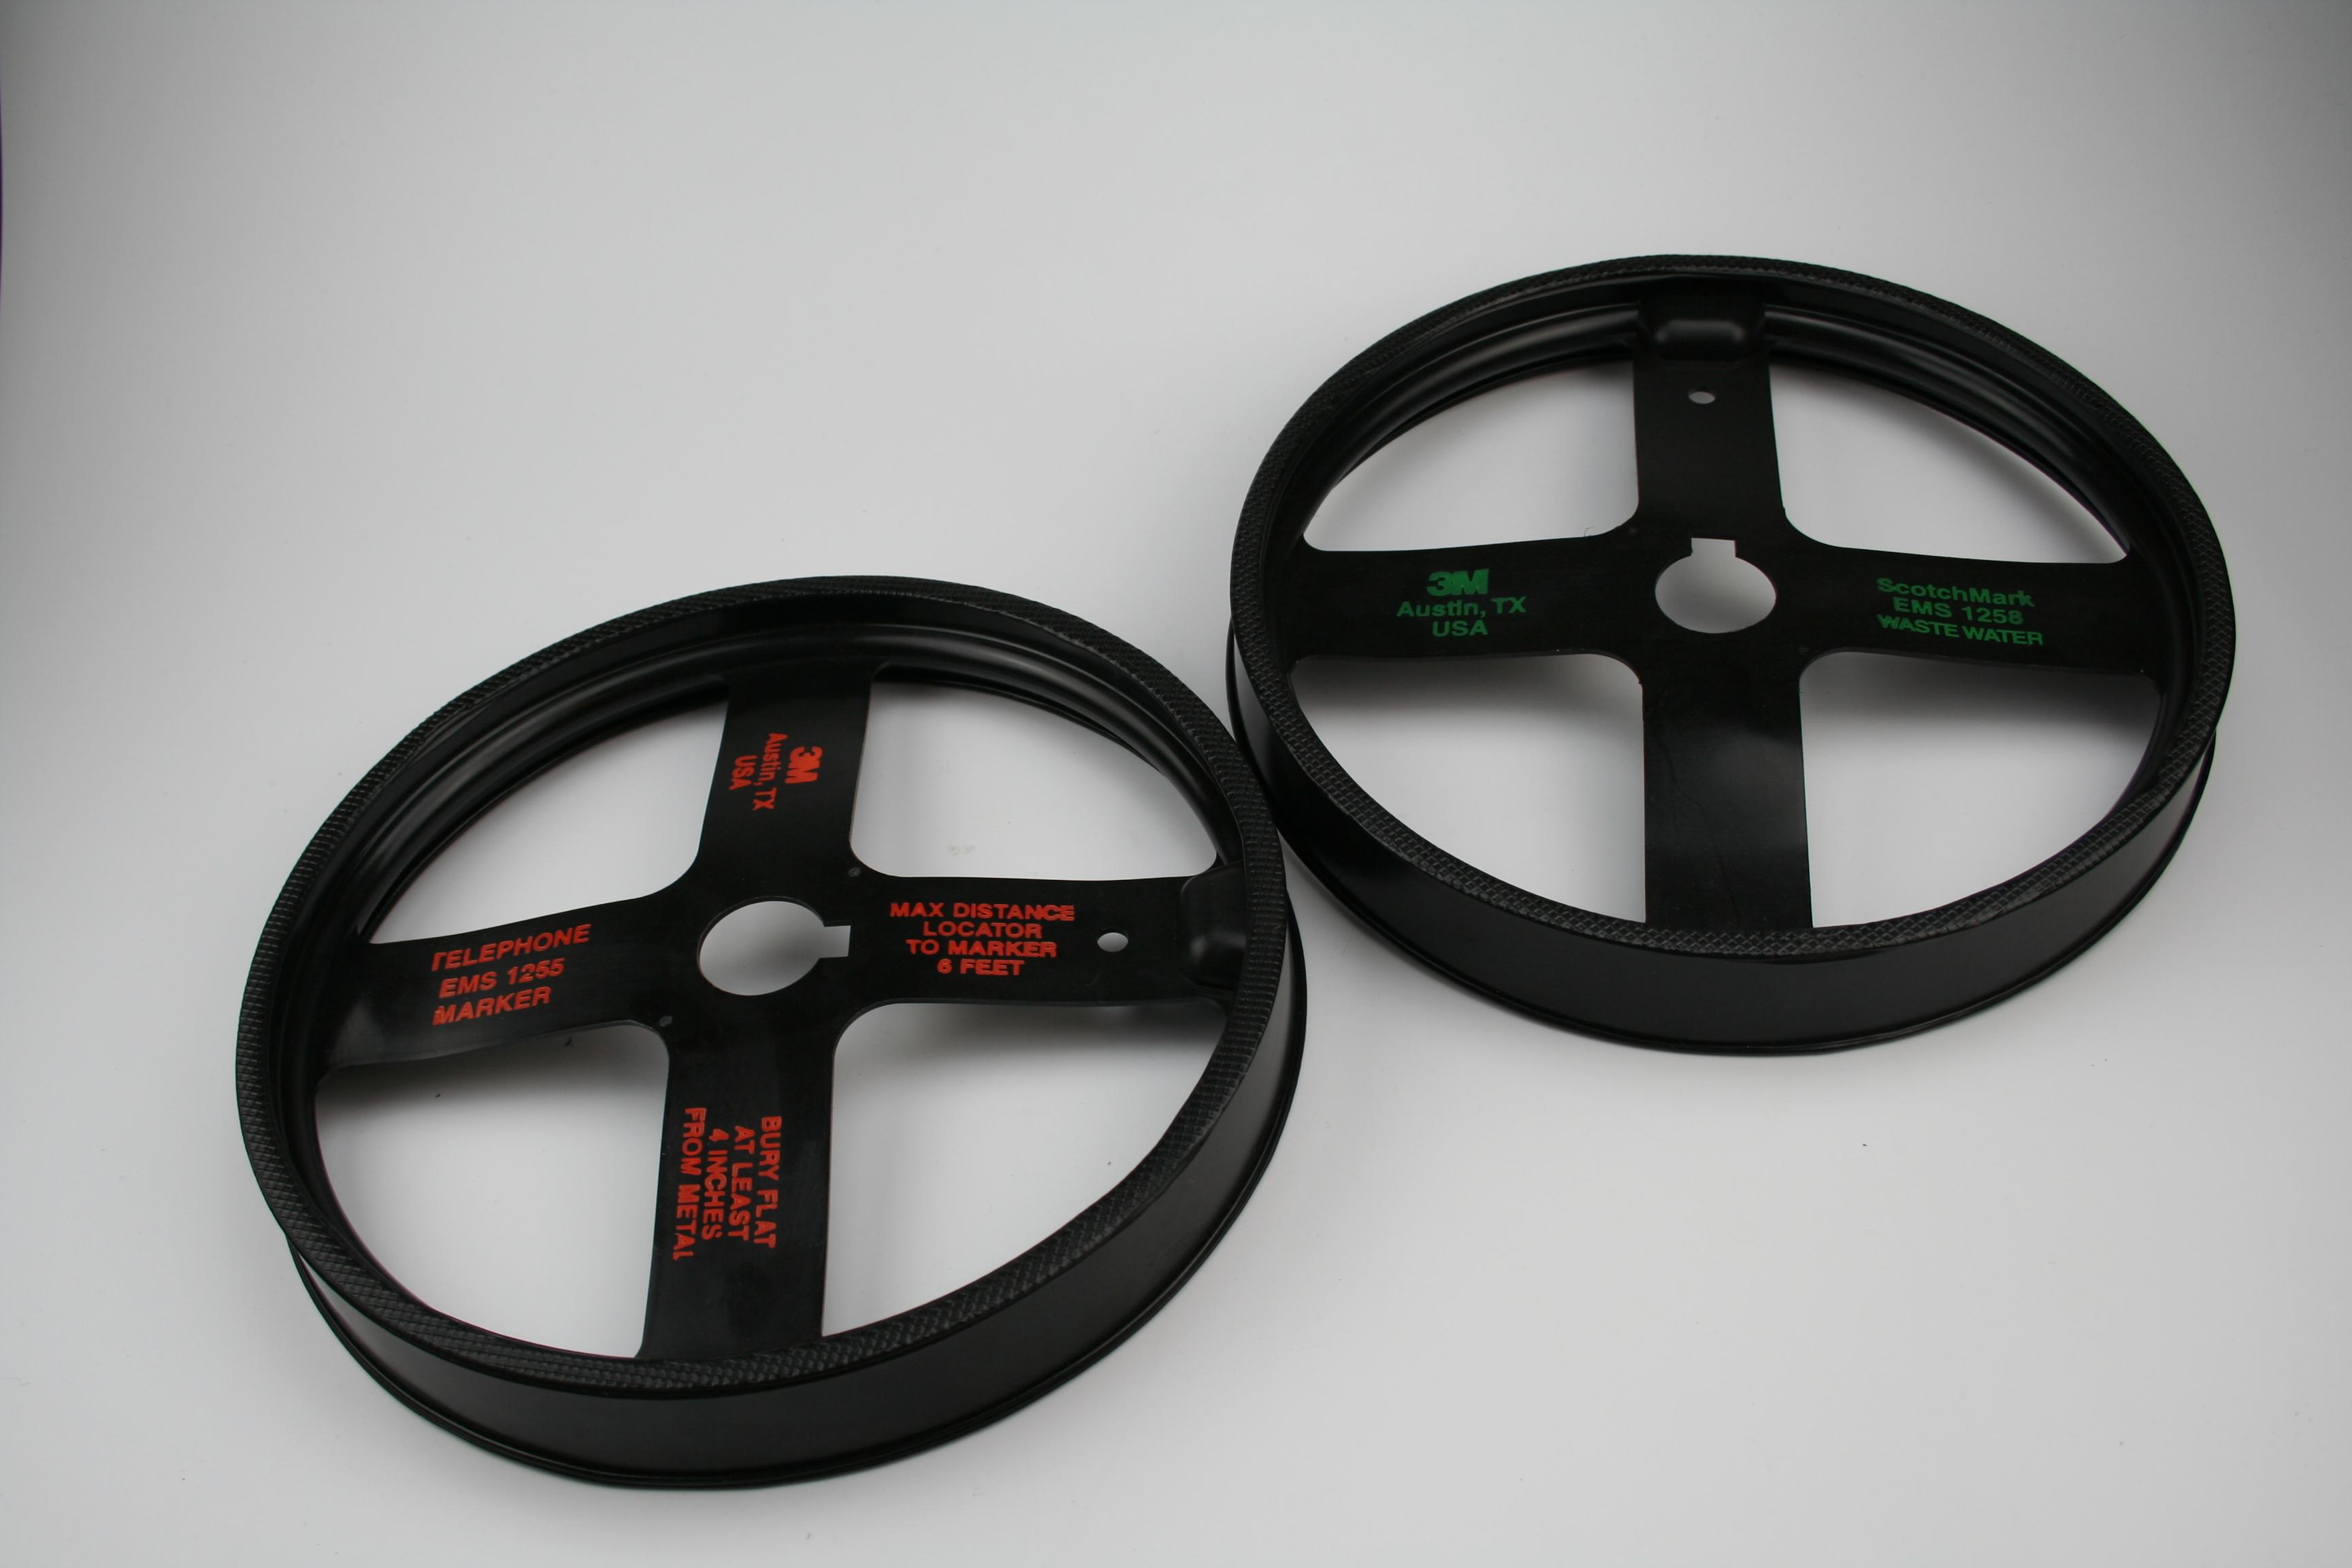 MiniMarker EMS 1285, EMS 1255